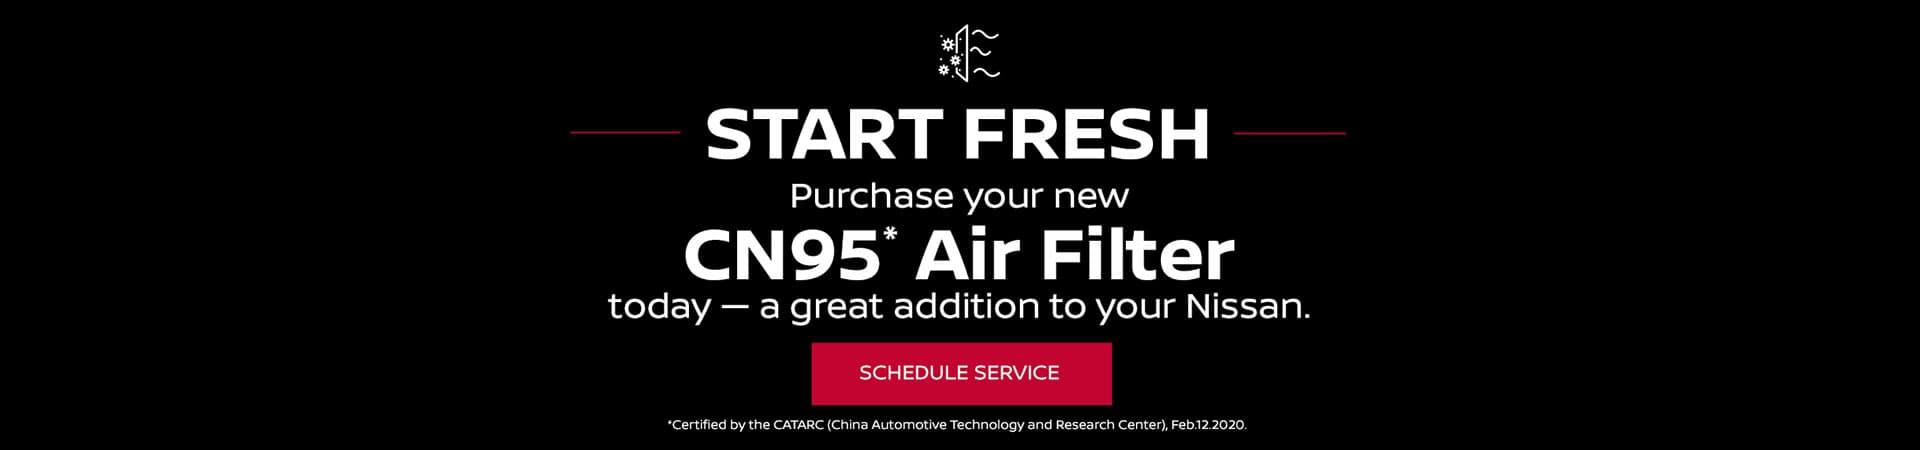 CN95 Air Filter